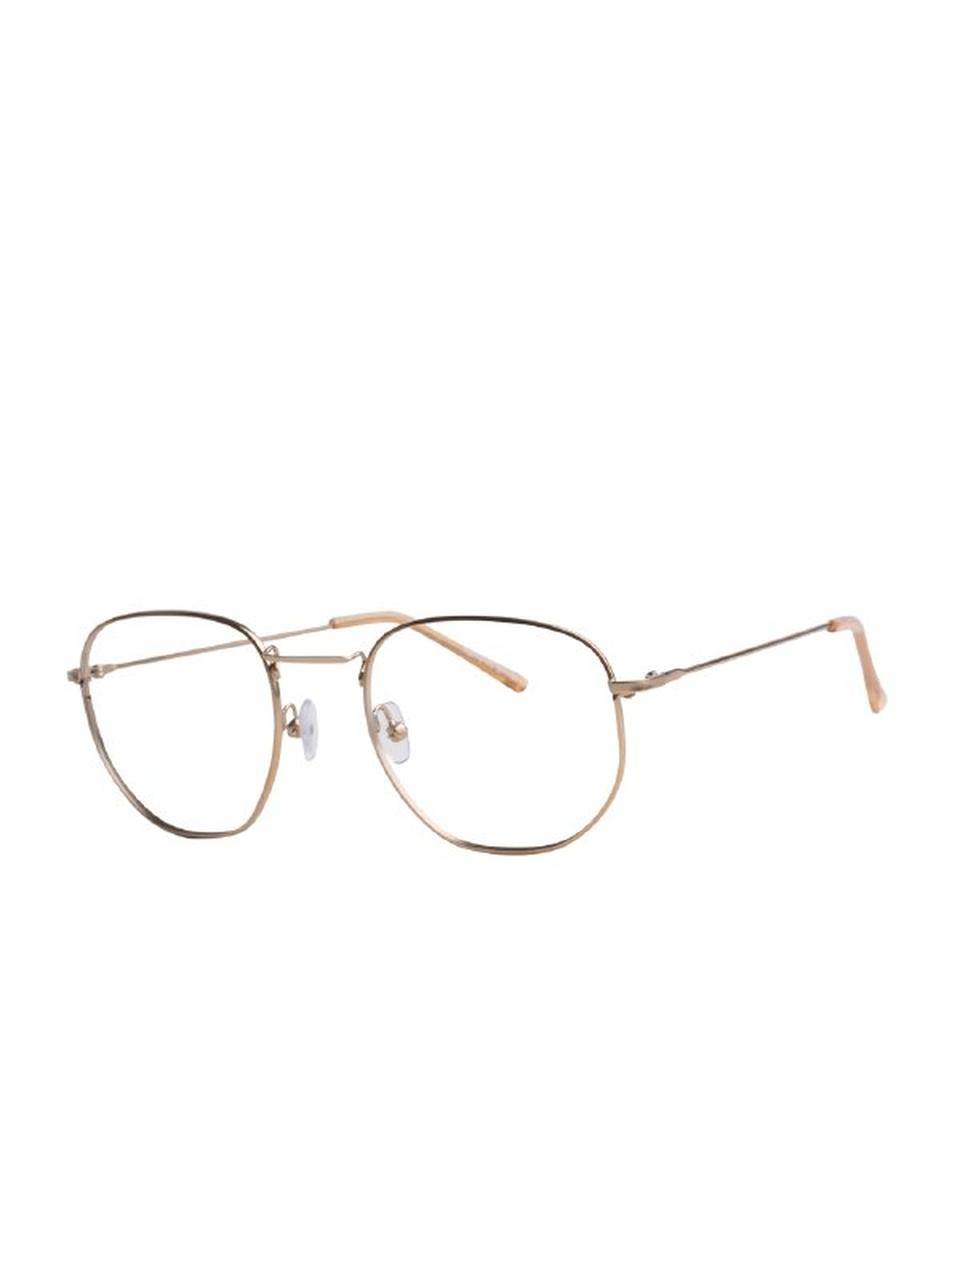 oculos-exagonal-honne_-arma_o-_m_dio-prateado1_1